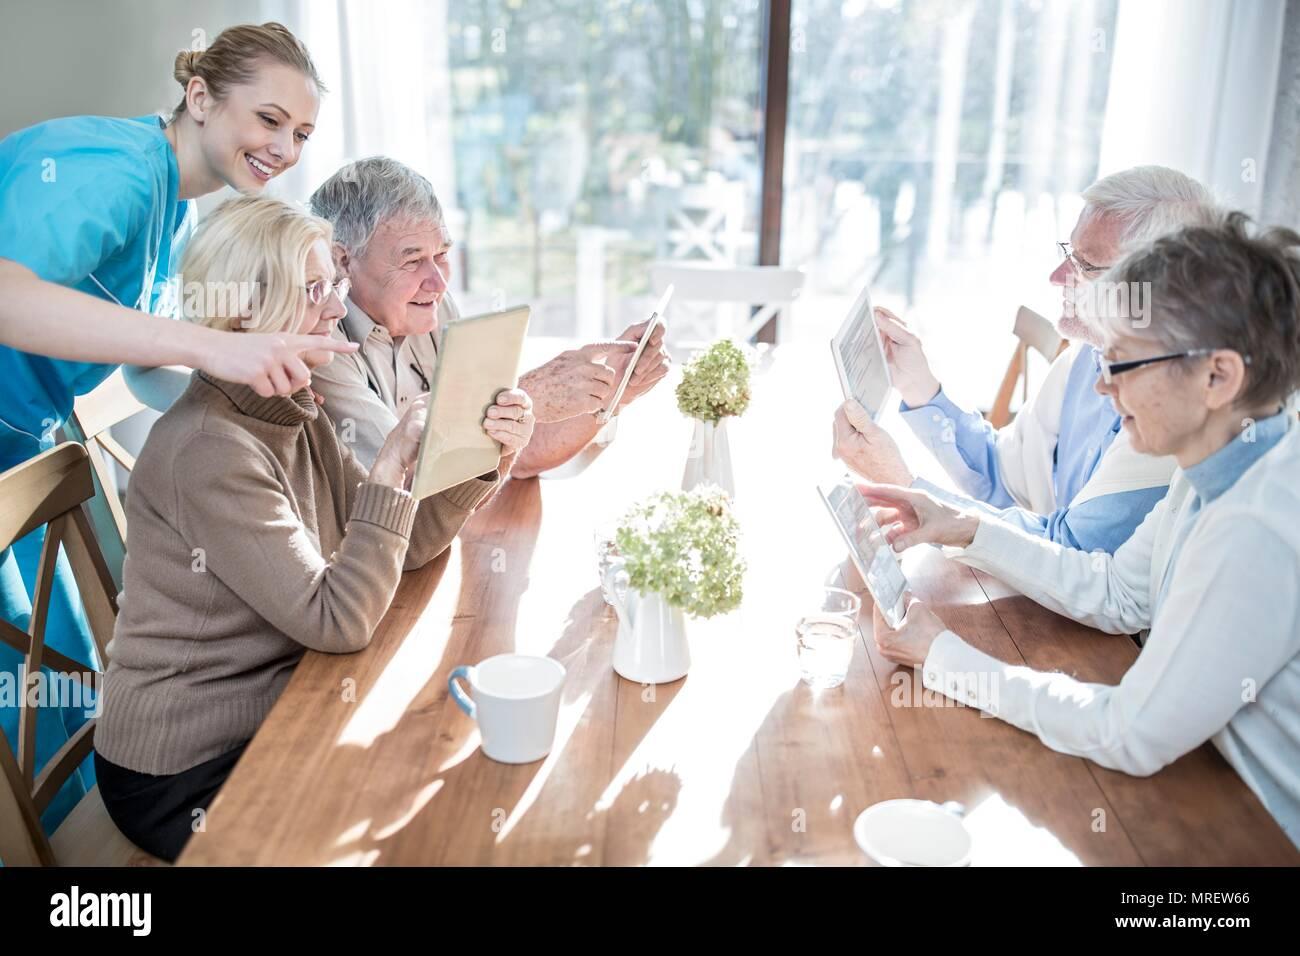 Des aînés à l'aide de tablettes numériques en maison de soins. Photo Stock